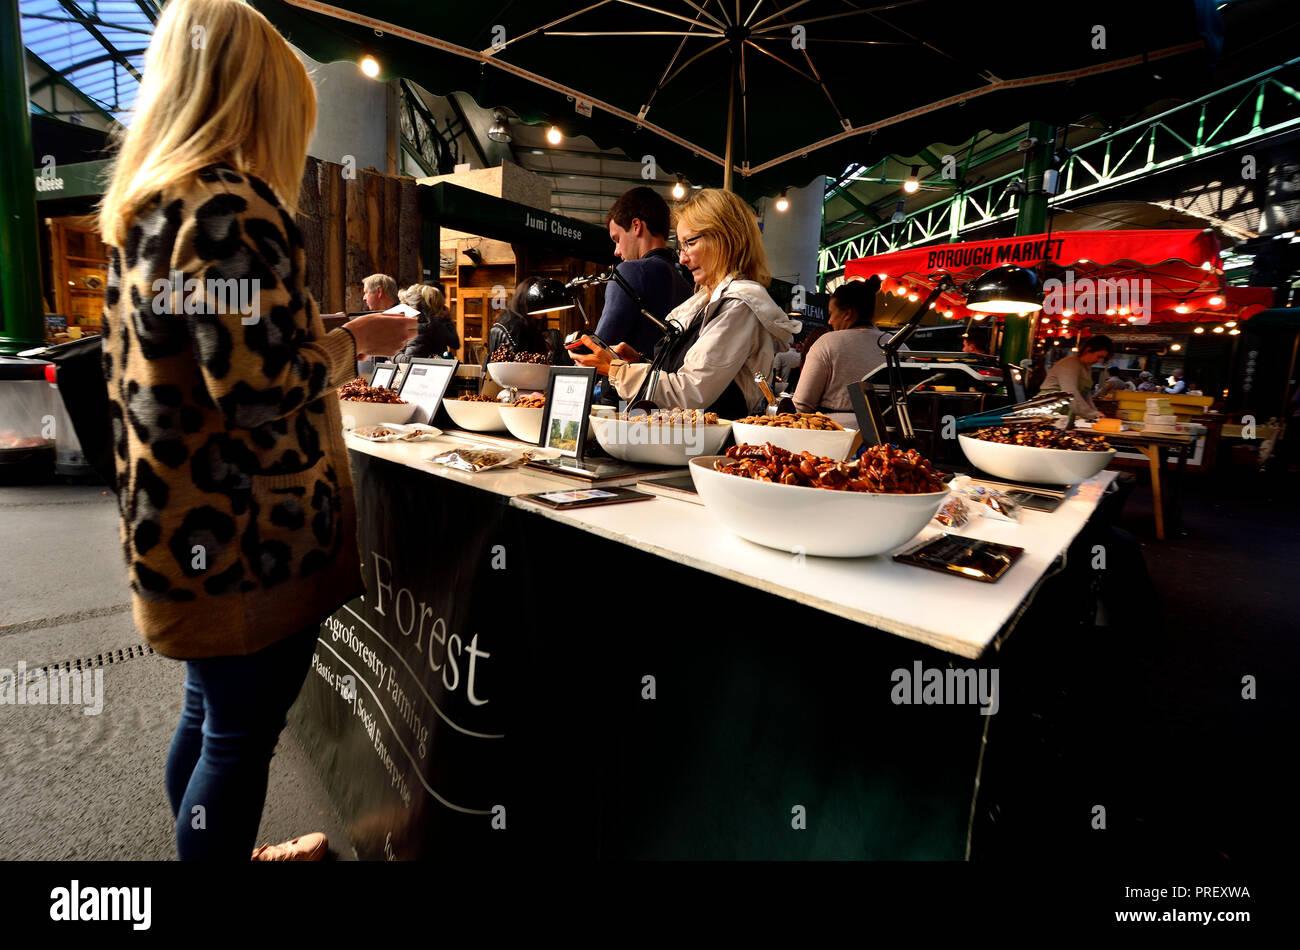 Nut stall in Borough Market, Southwark, London, England, UK. - Stock Image